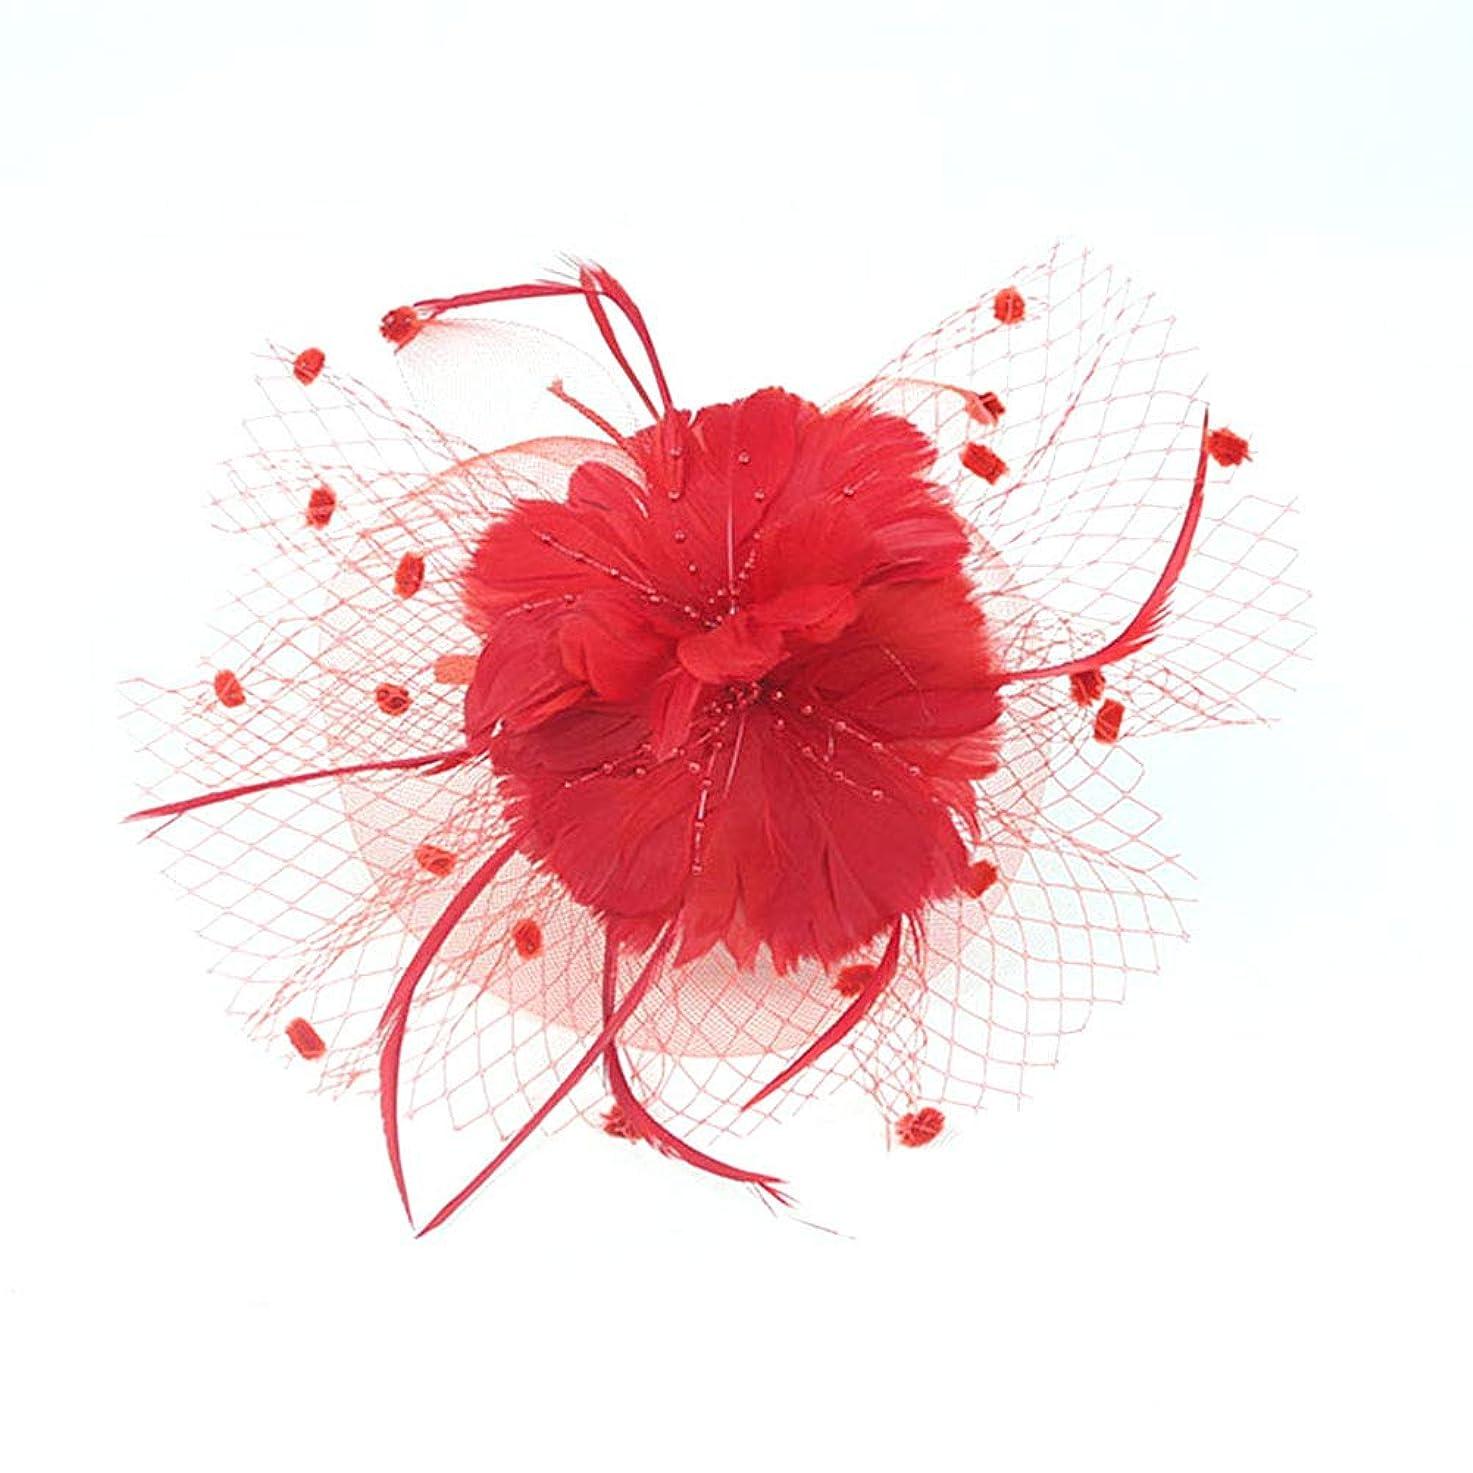 ミシン目コックくちばしBeaupretty魅惑的な帽子羽メッシュネットベールパーティー帽子ピルボックス帽子羽の魅惑的なキャップレディース結婚式宴会カクテルパーティー(赤)